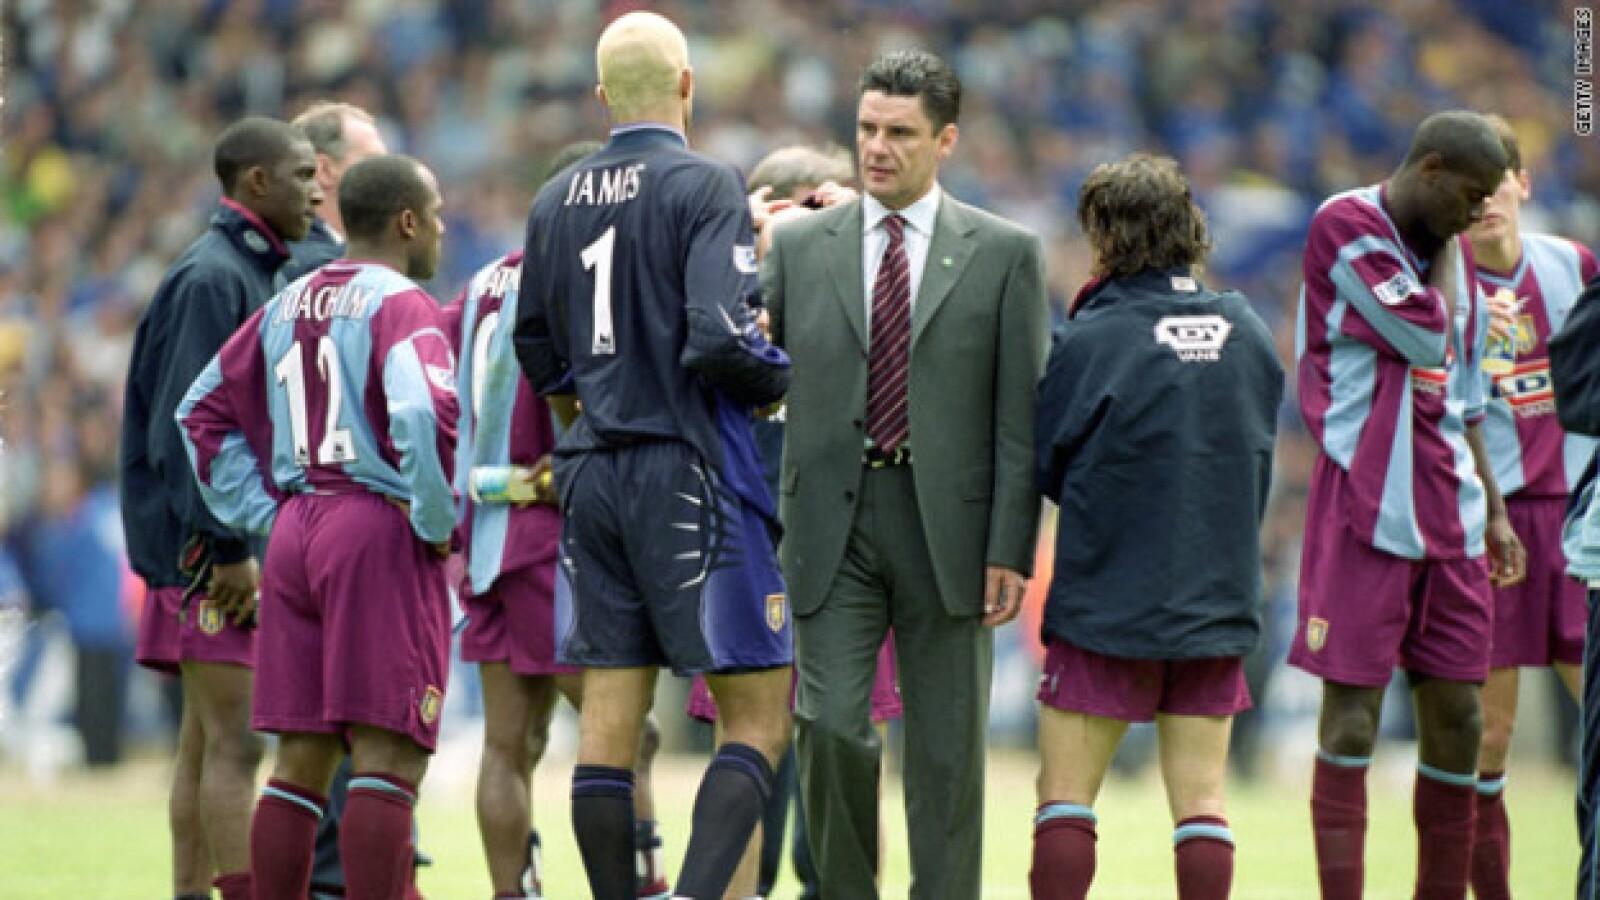 El entrenador John Terry brilló con el Aston Villa